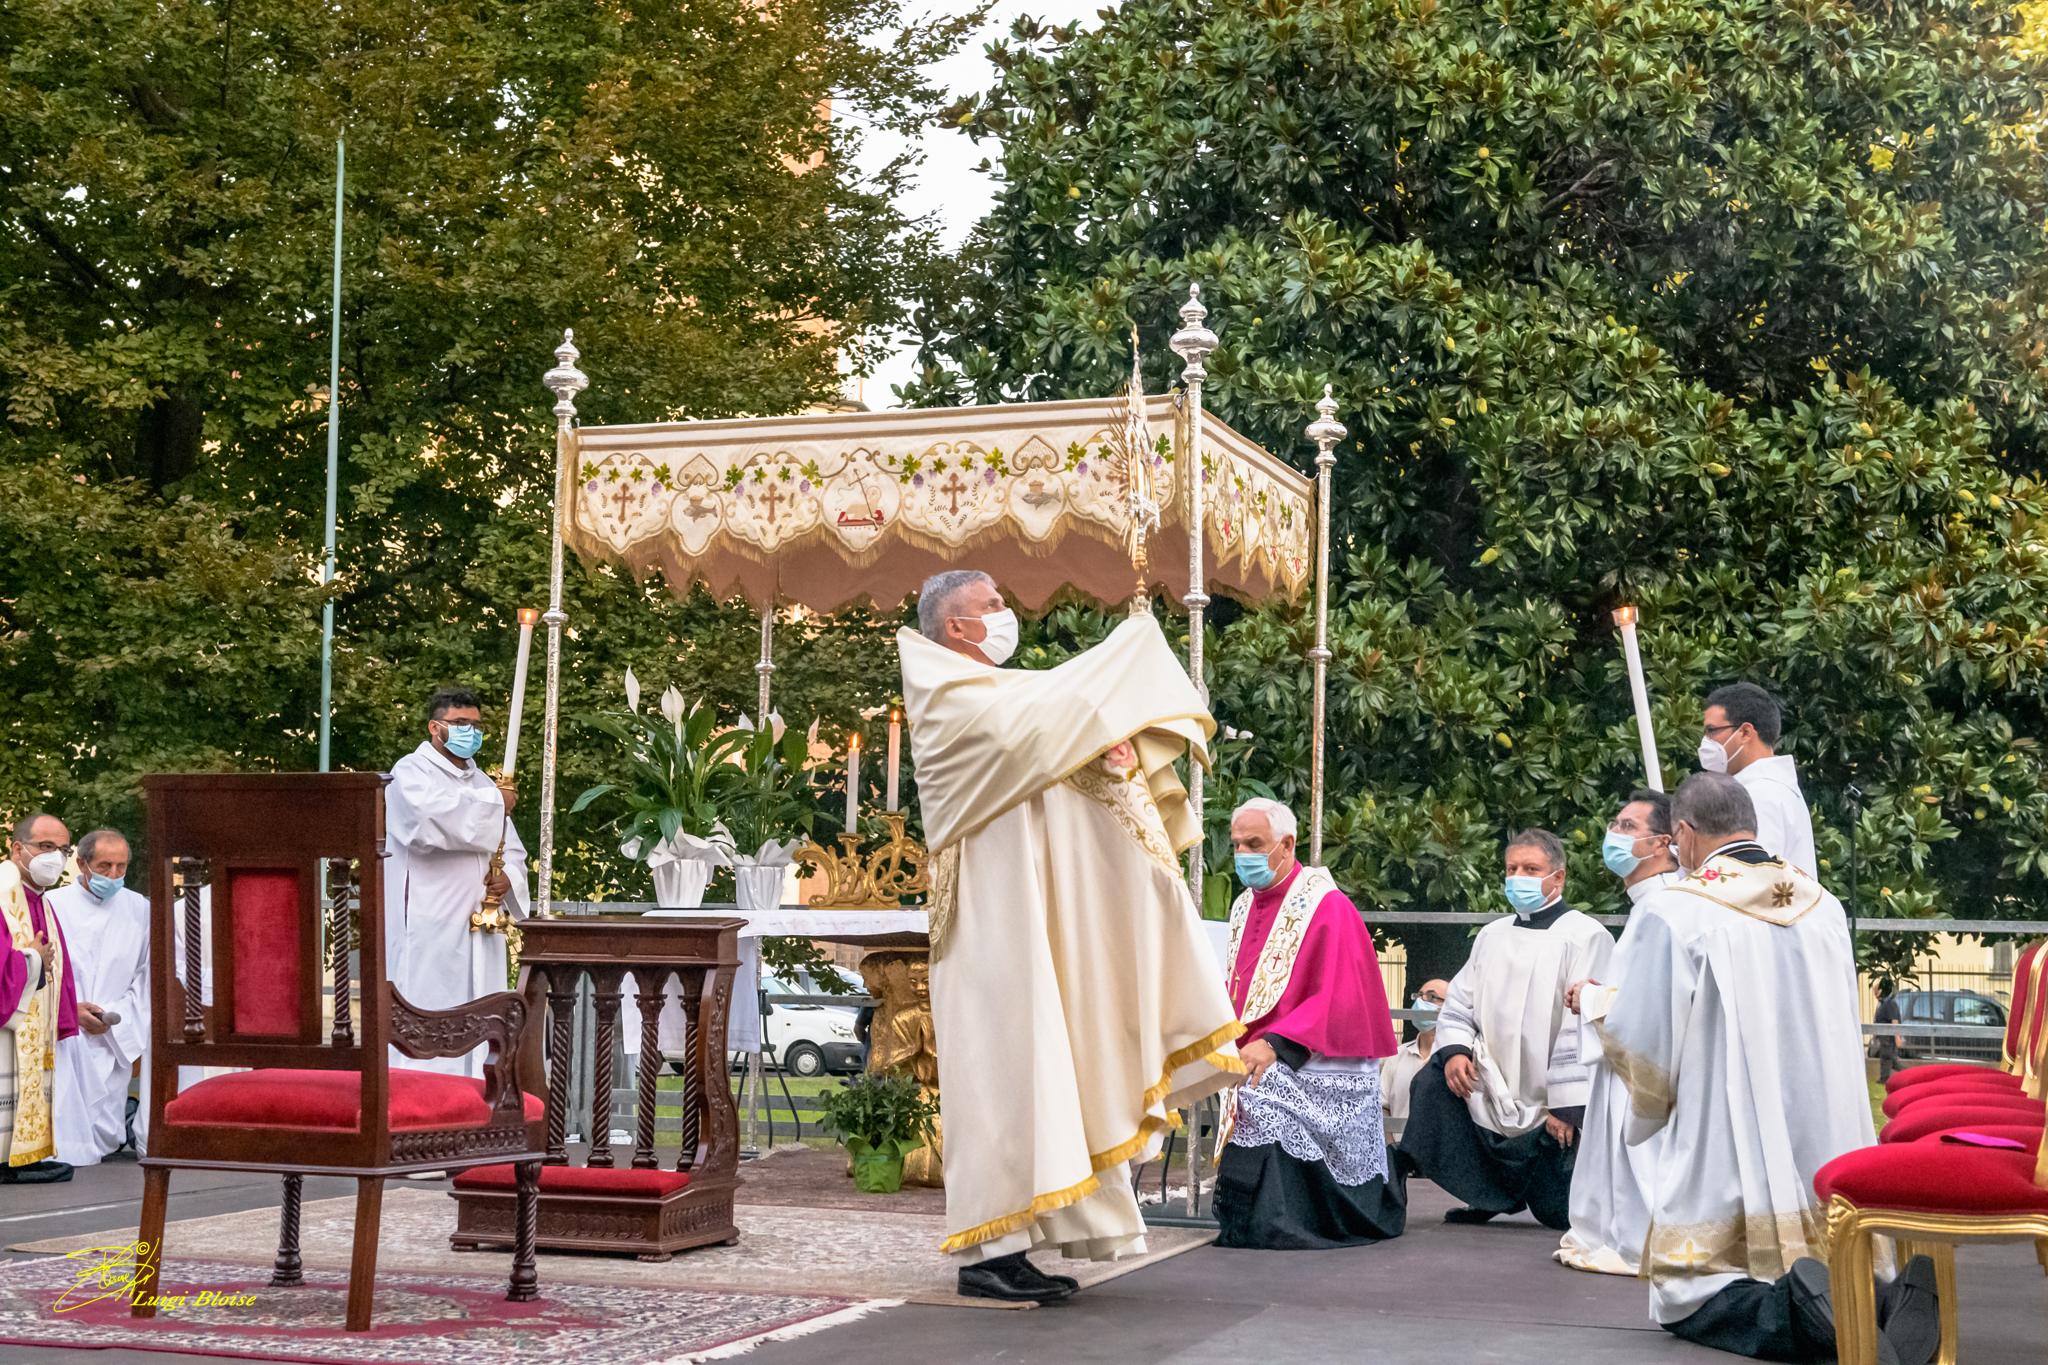 29-agosto-2021-Viola-17-e-processione-MdG-–-FOTO_mdg_-284